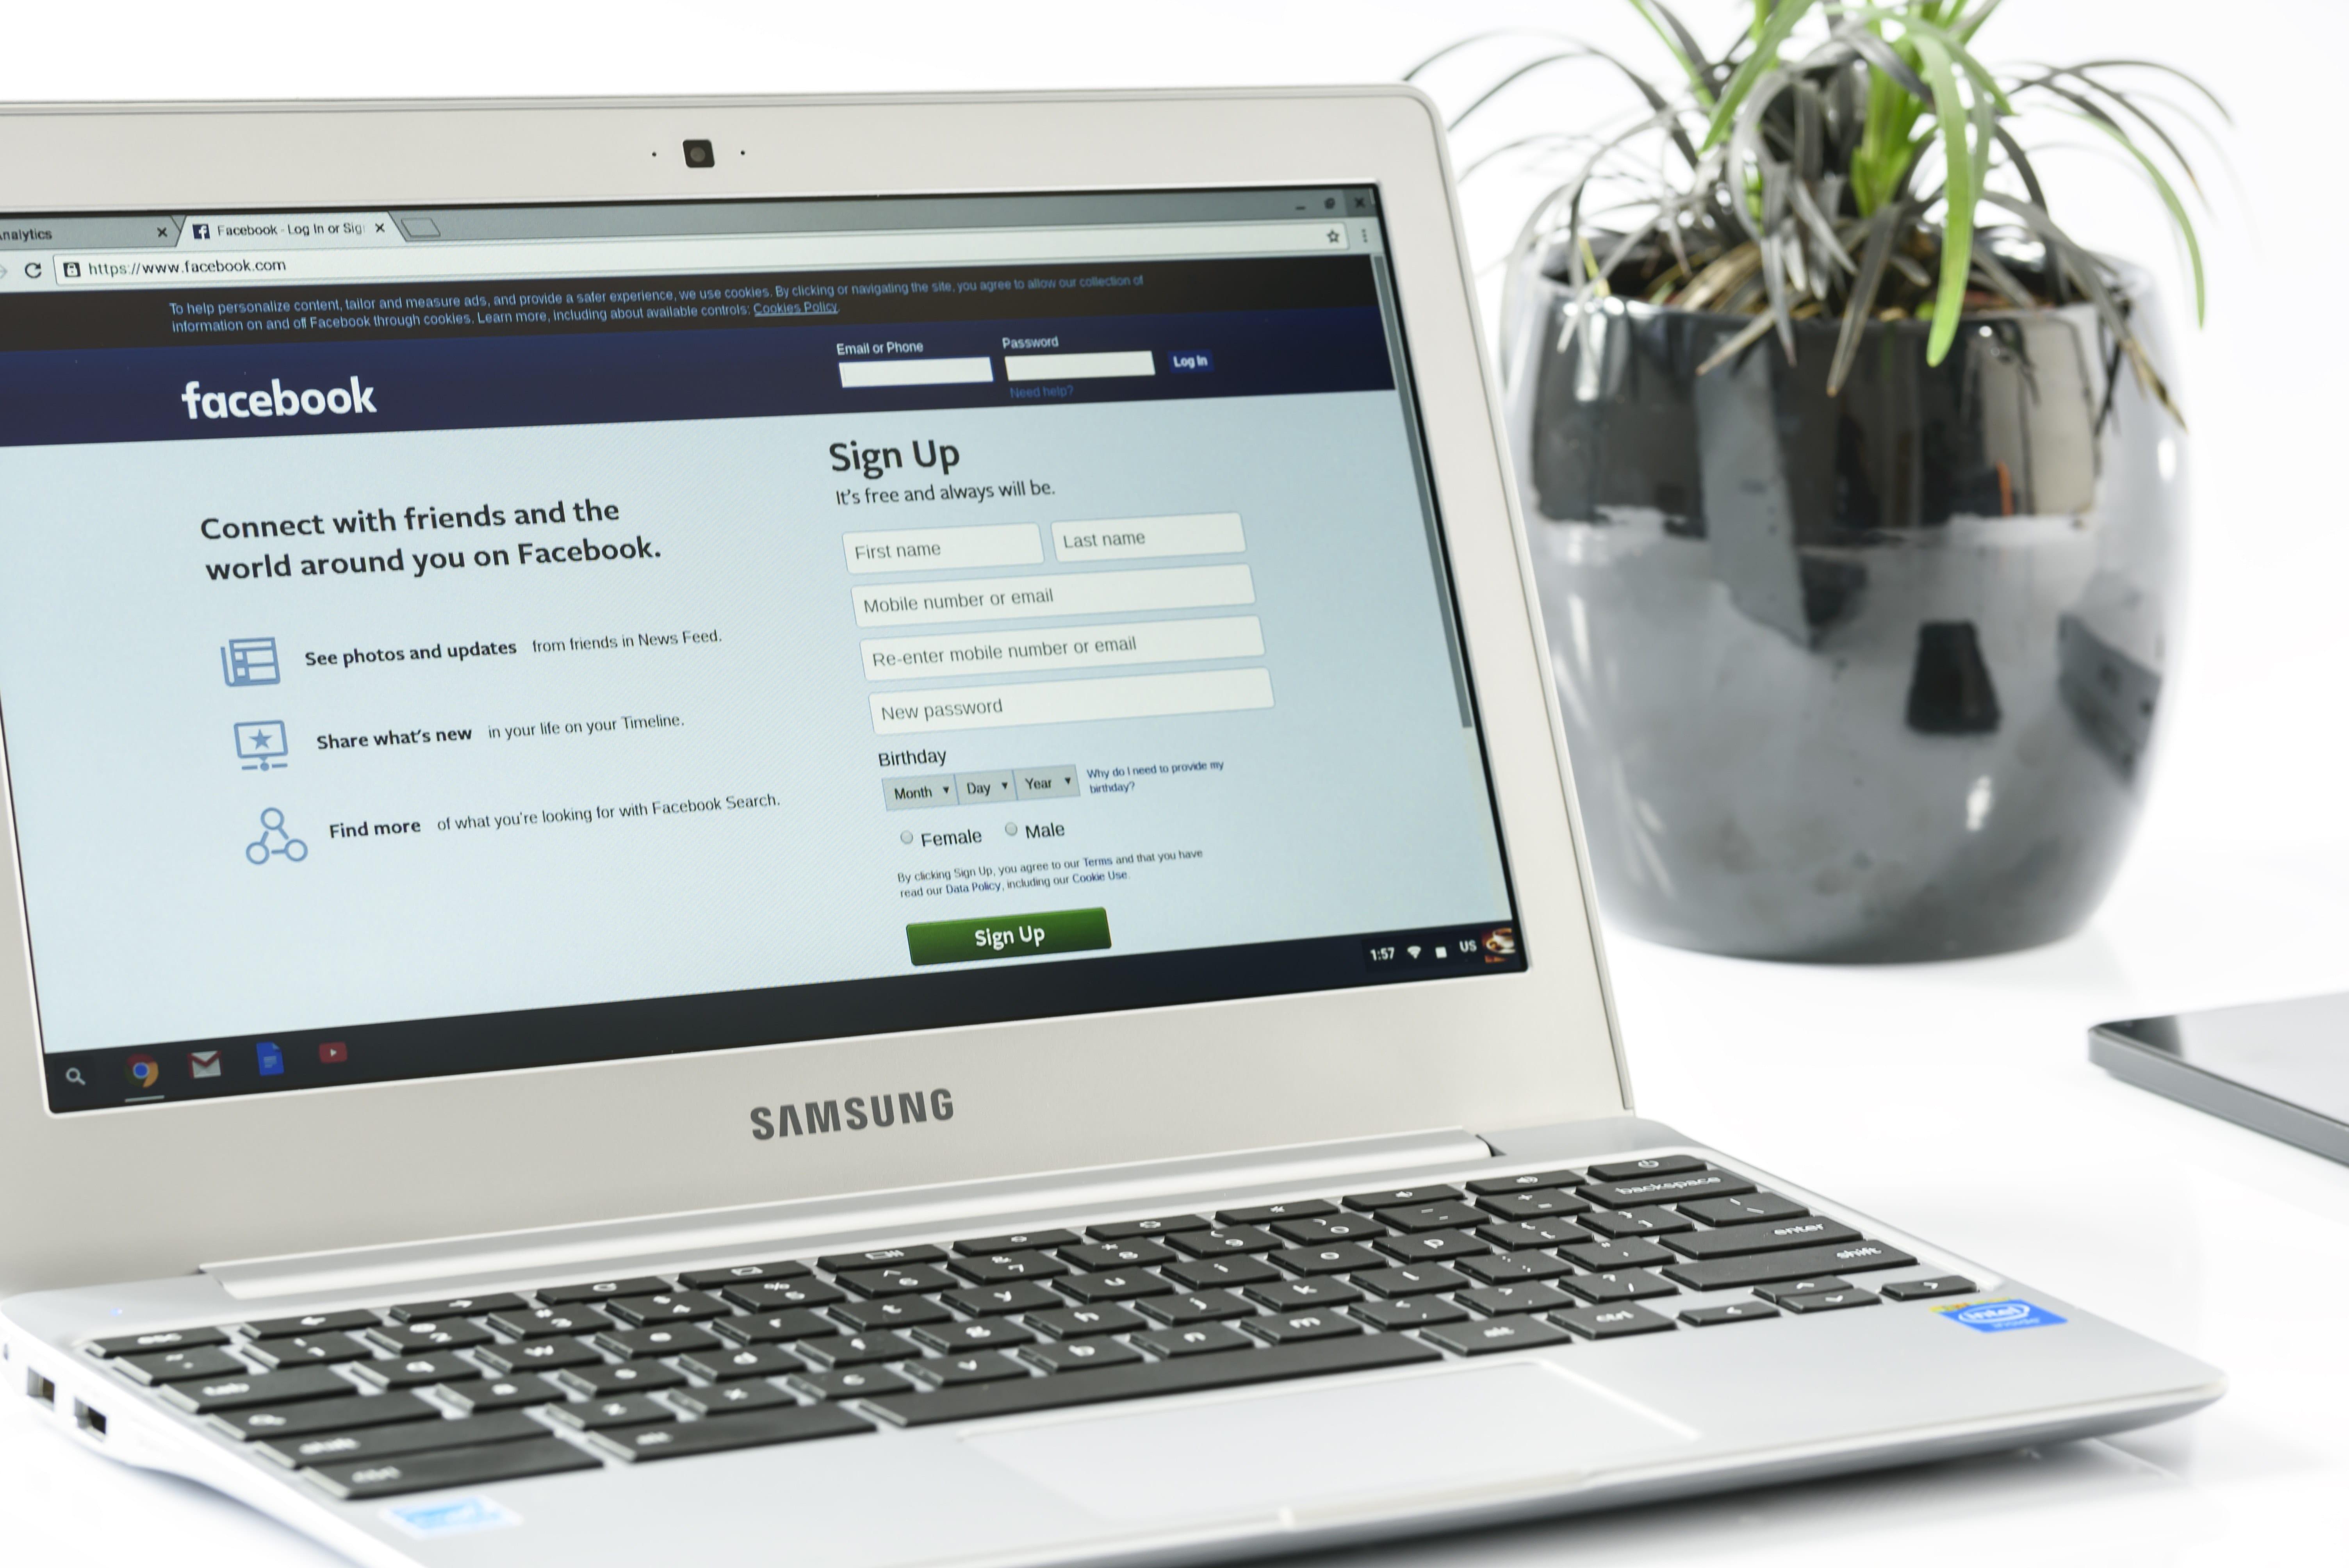 Come ridurre la propria visibilità su Facebook? Il caso Cambridge Analytica.